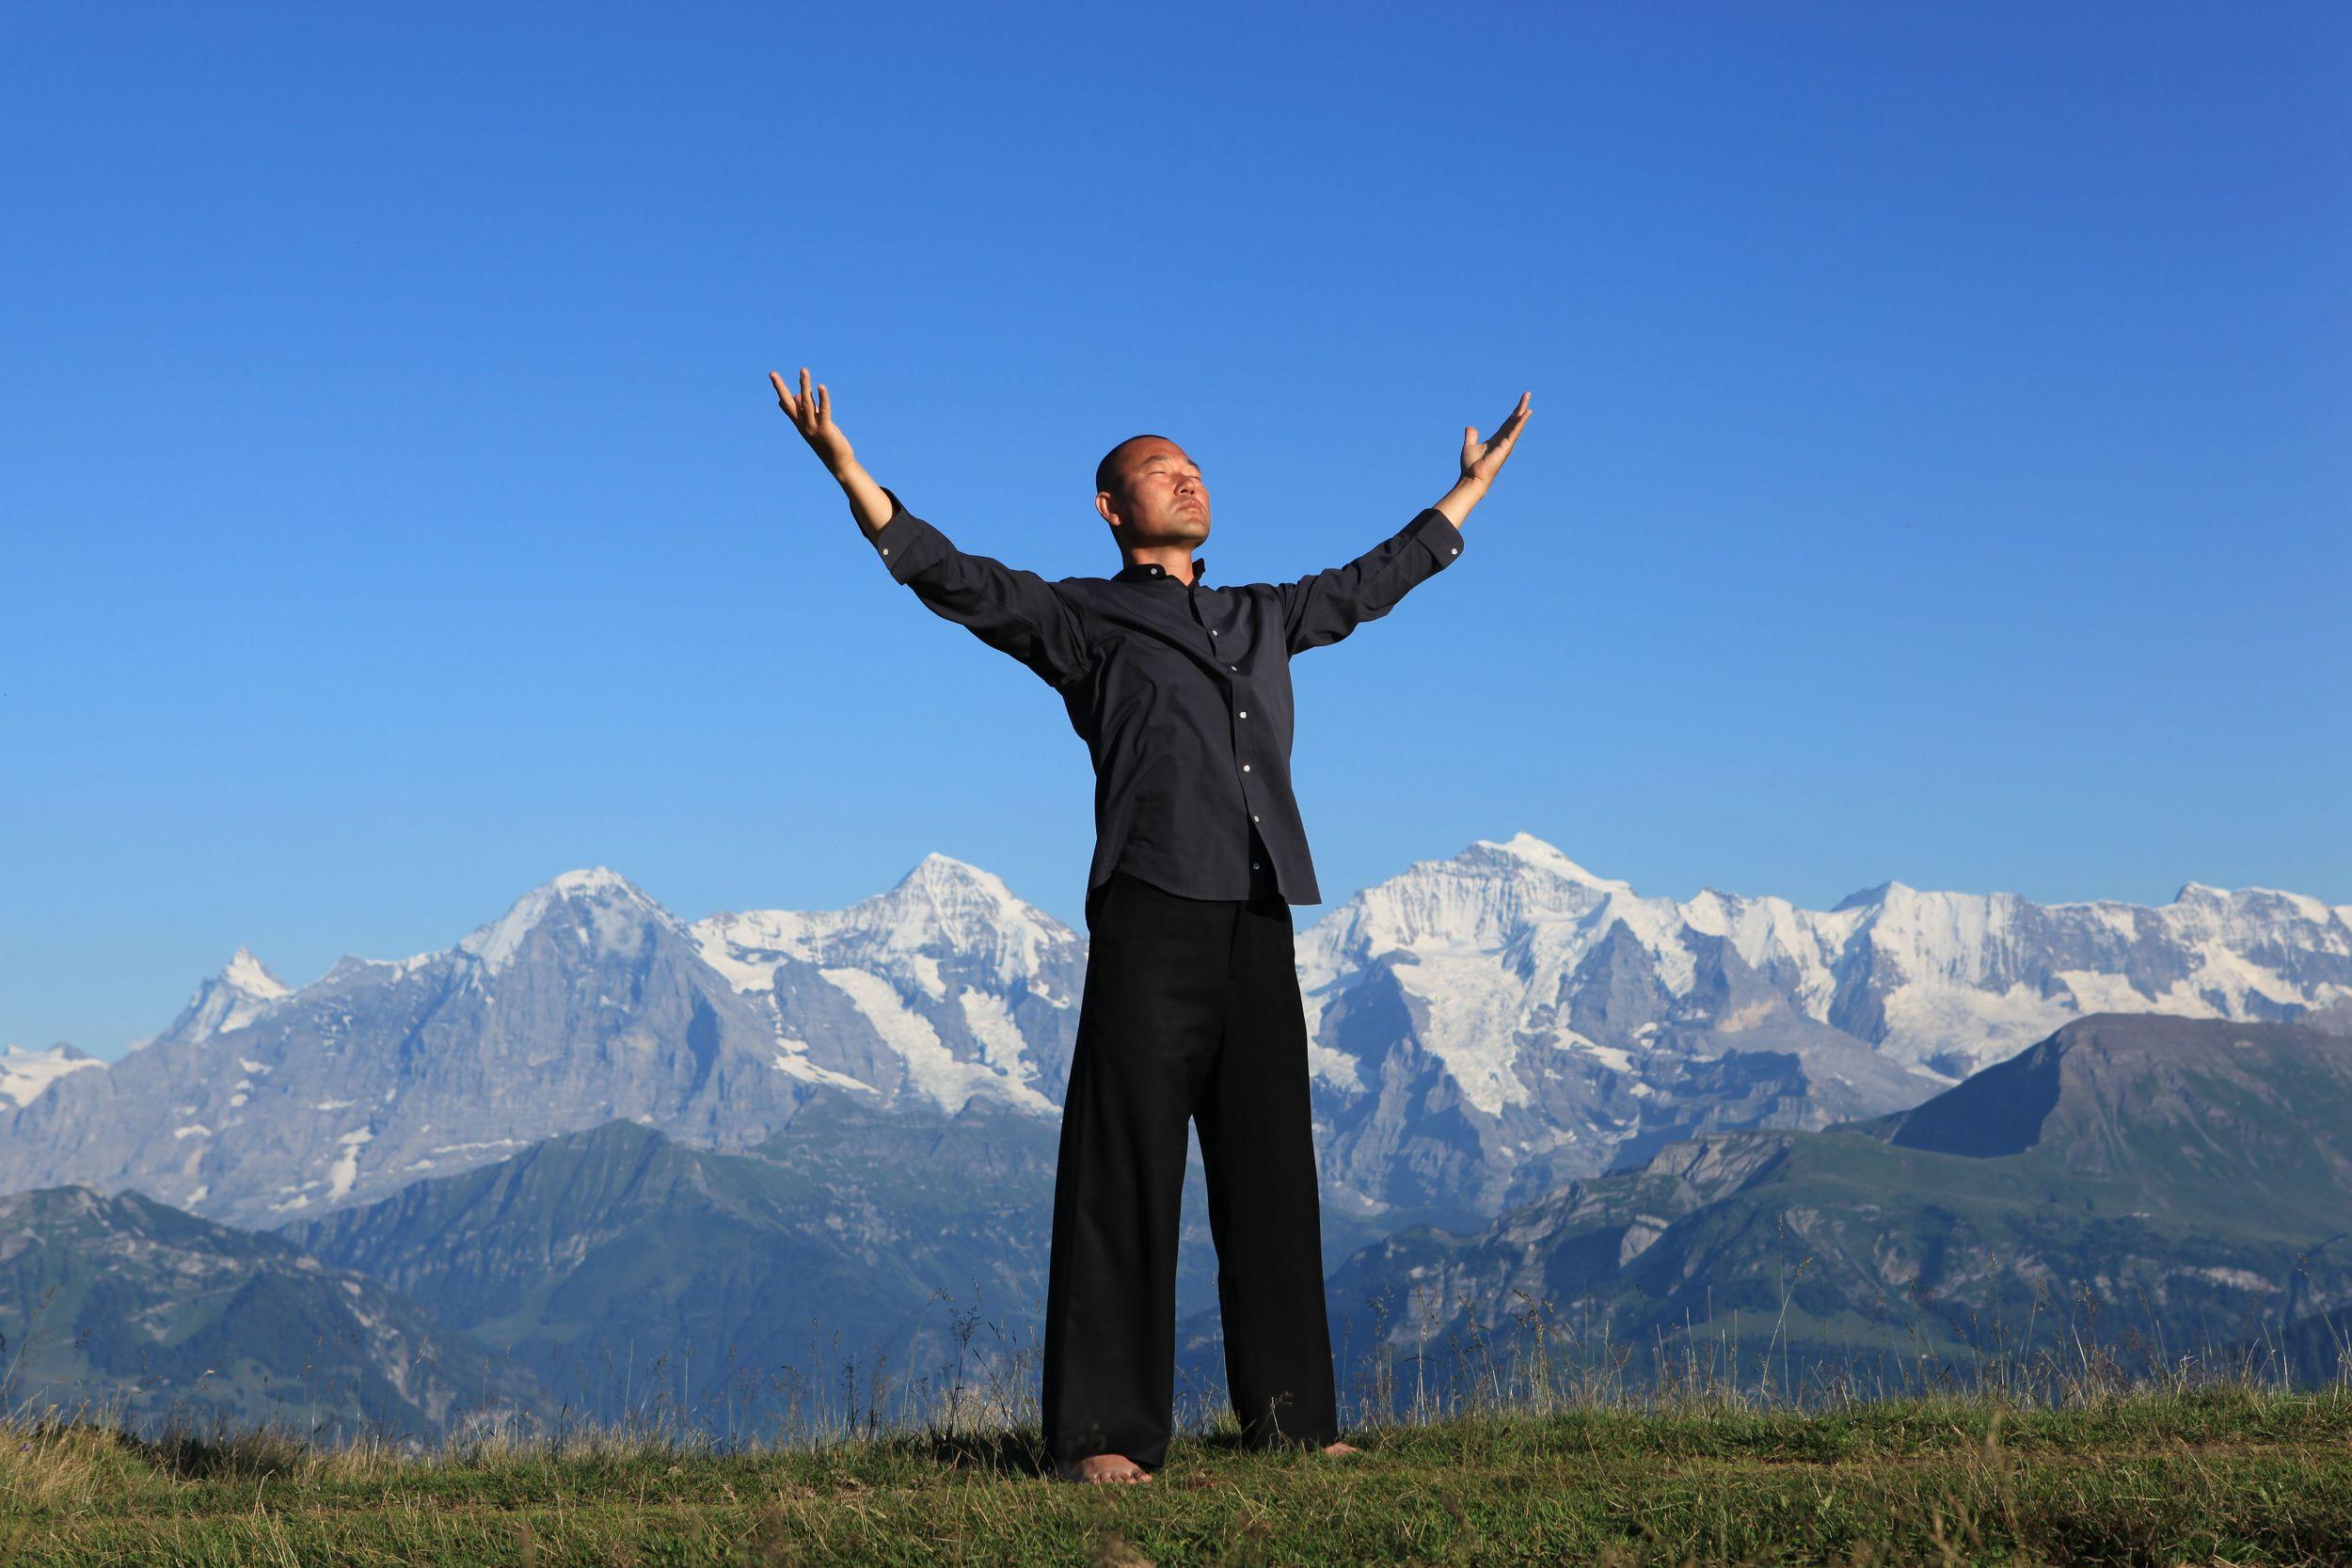 Die Himmelsenergie aufnehmen. Aufgenommen am Jungfraujoch in der Schweiz.